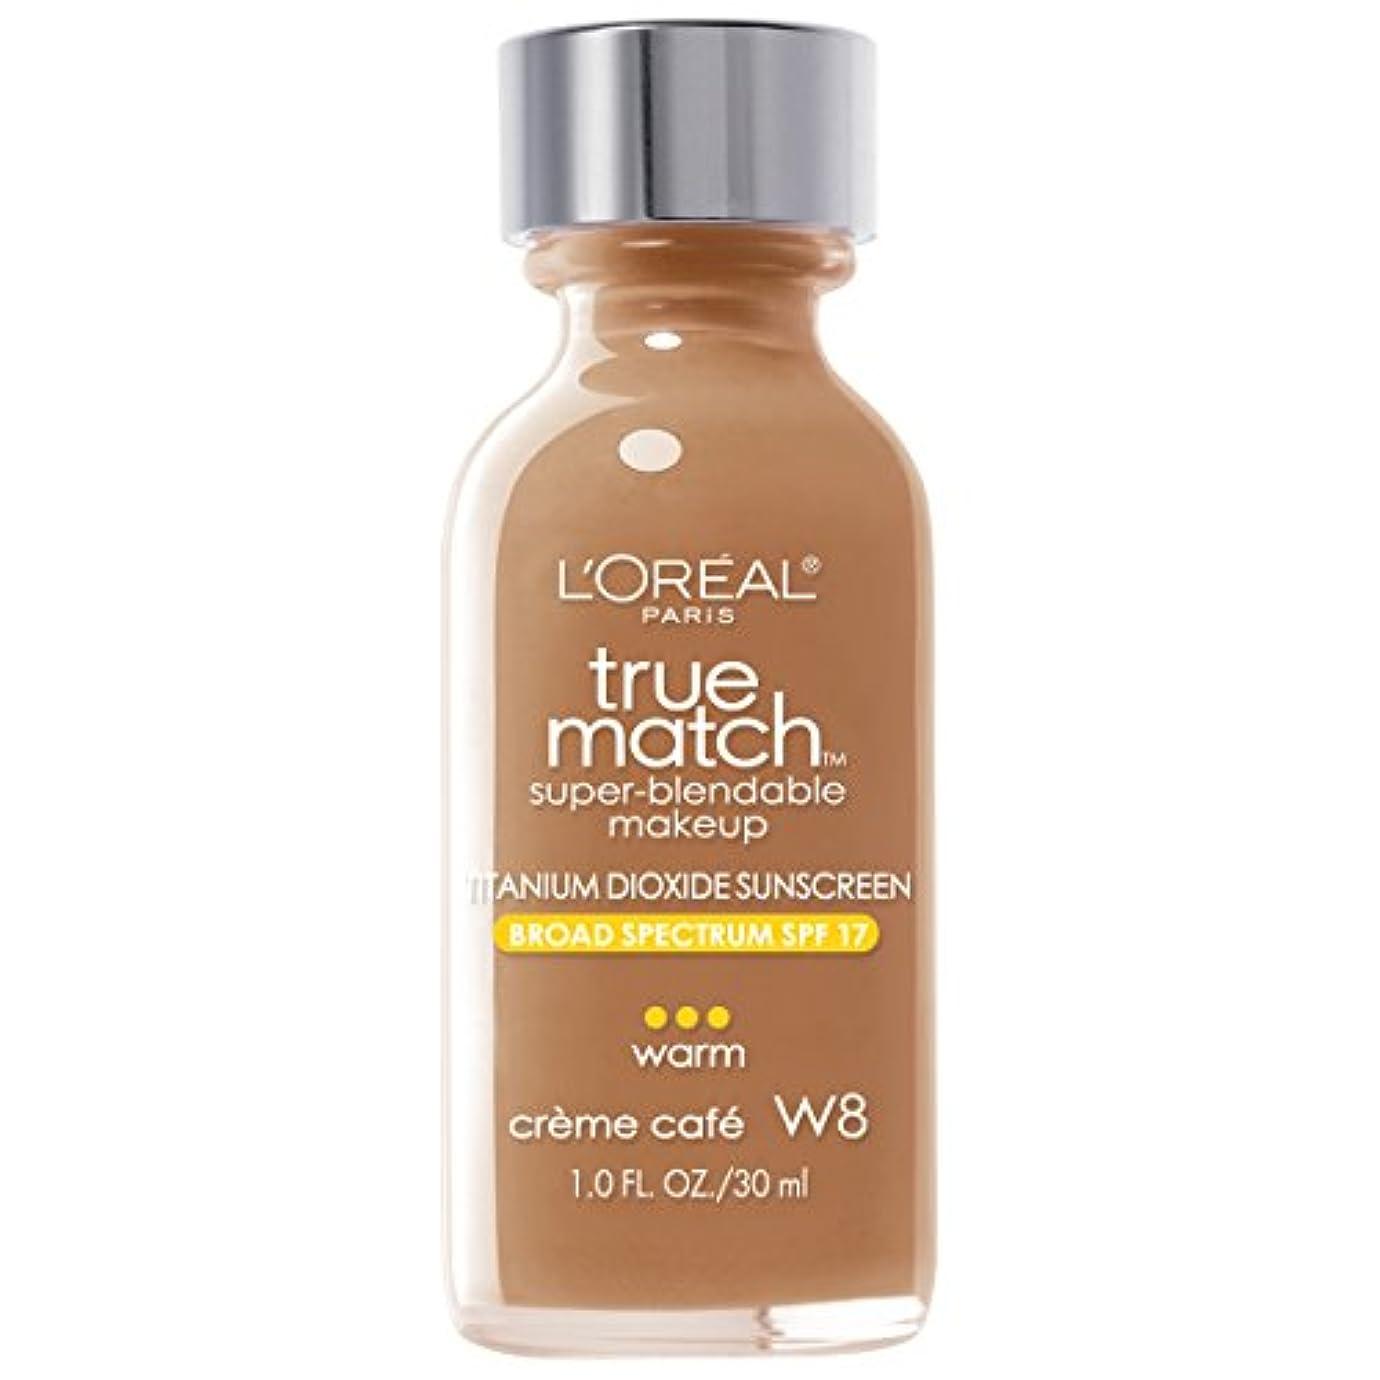 の間に契約した無能L'Oréal True Match Super-Blendable Foundation Makeup (CRÈME CAFÉ)